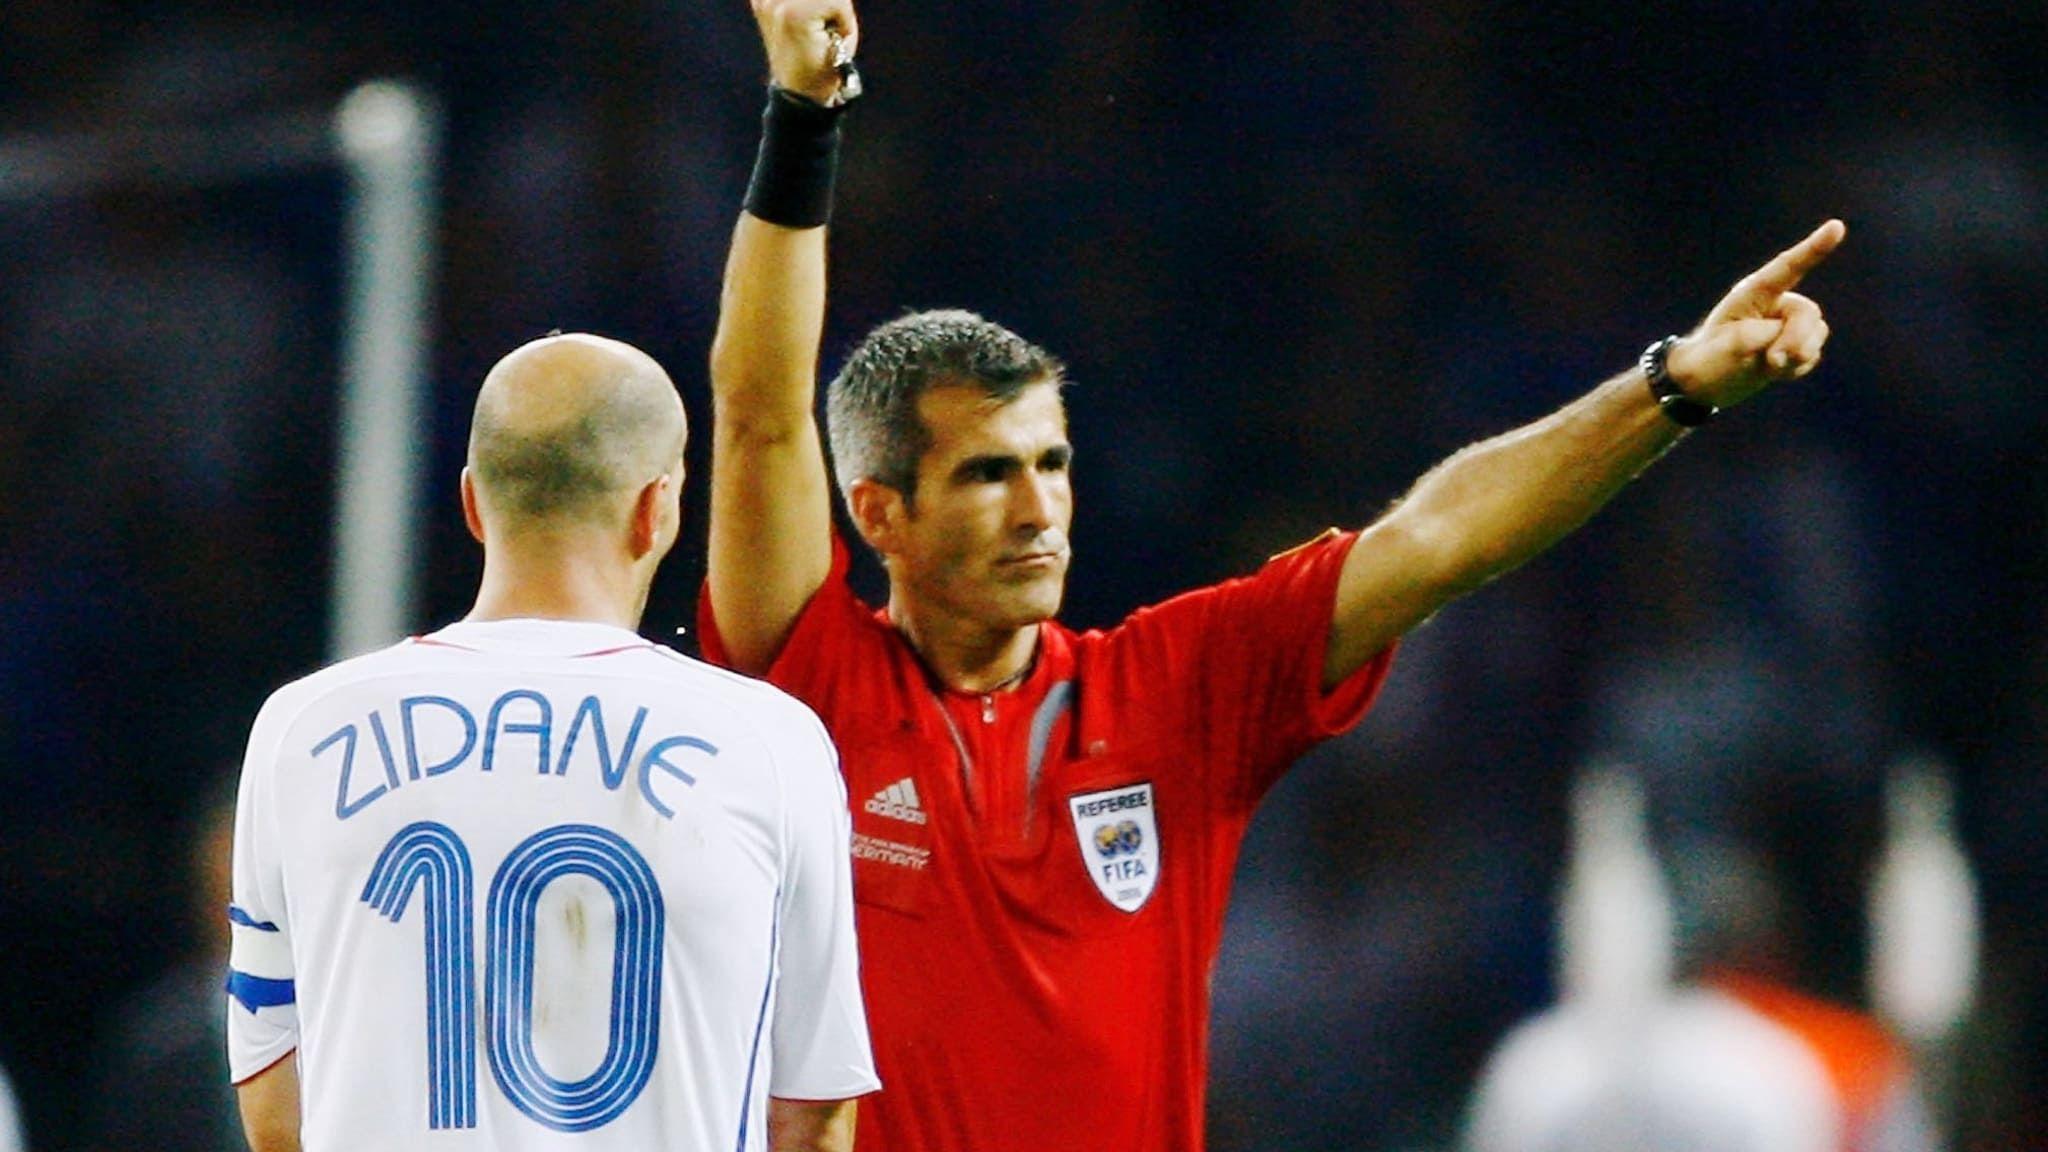 Horacio Elizondo expulsando a Zinedine Zidane